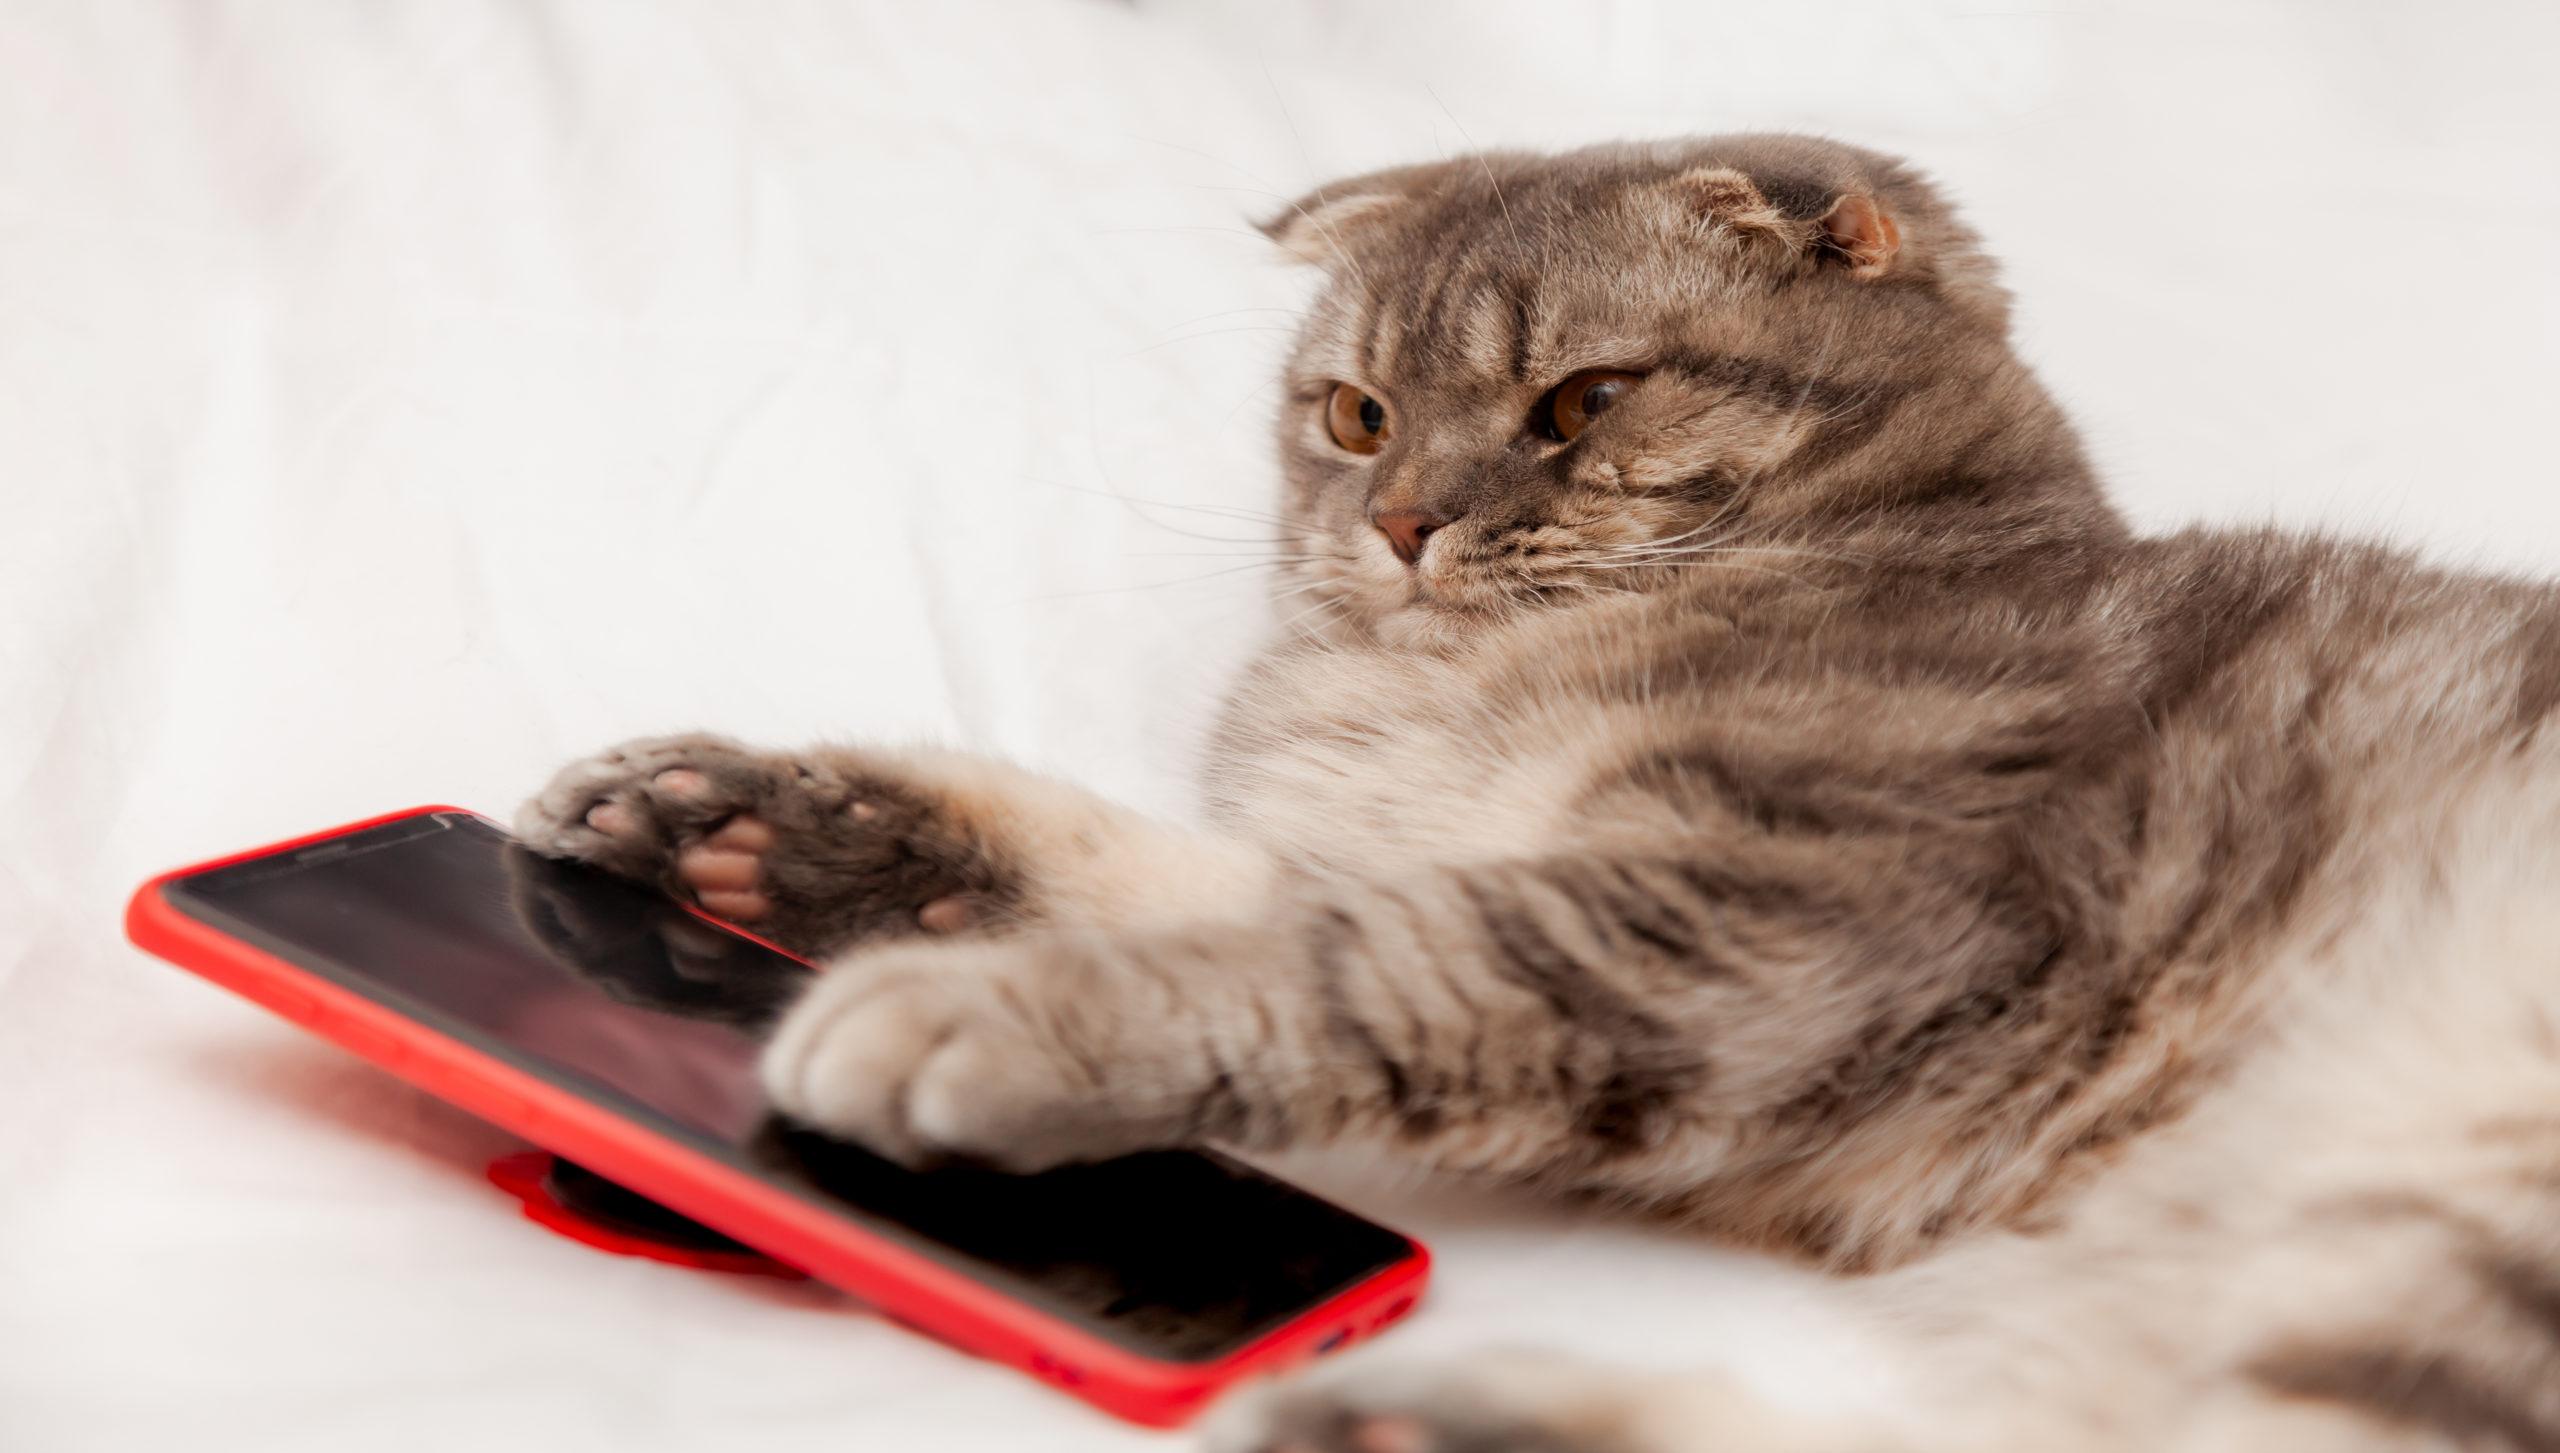 ネコは電話越しでも名前を聞き分けられる